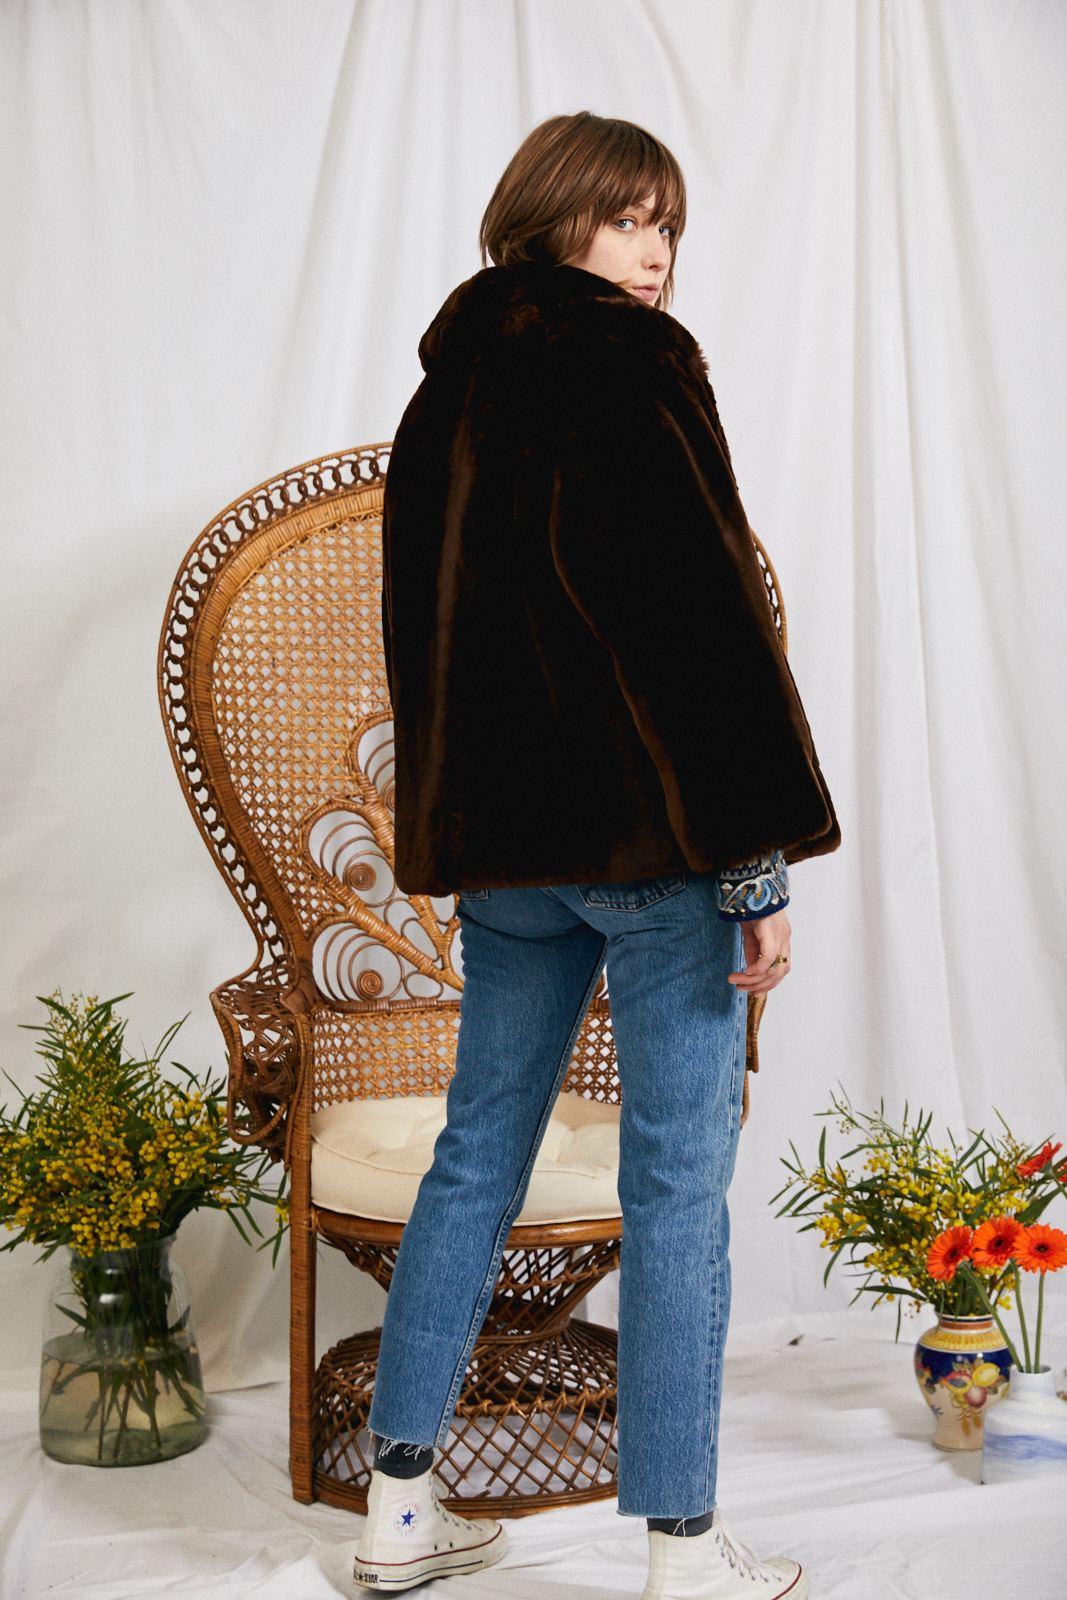 Manteaux - Veste en mouton doré